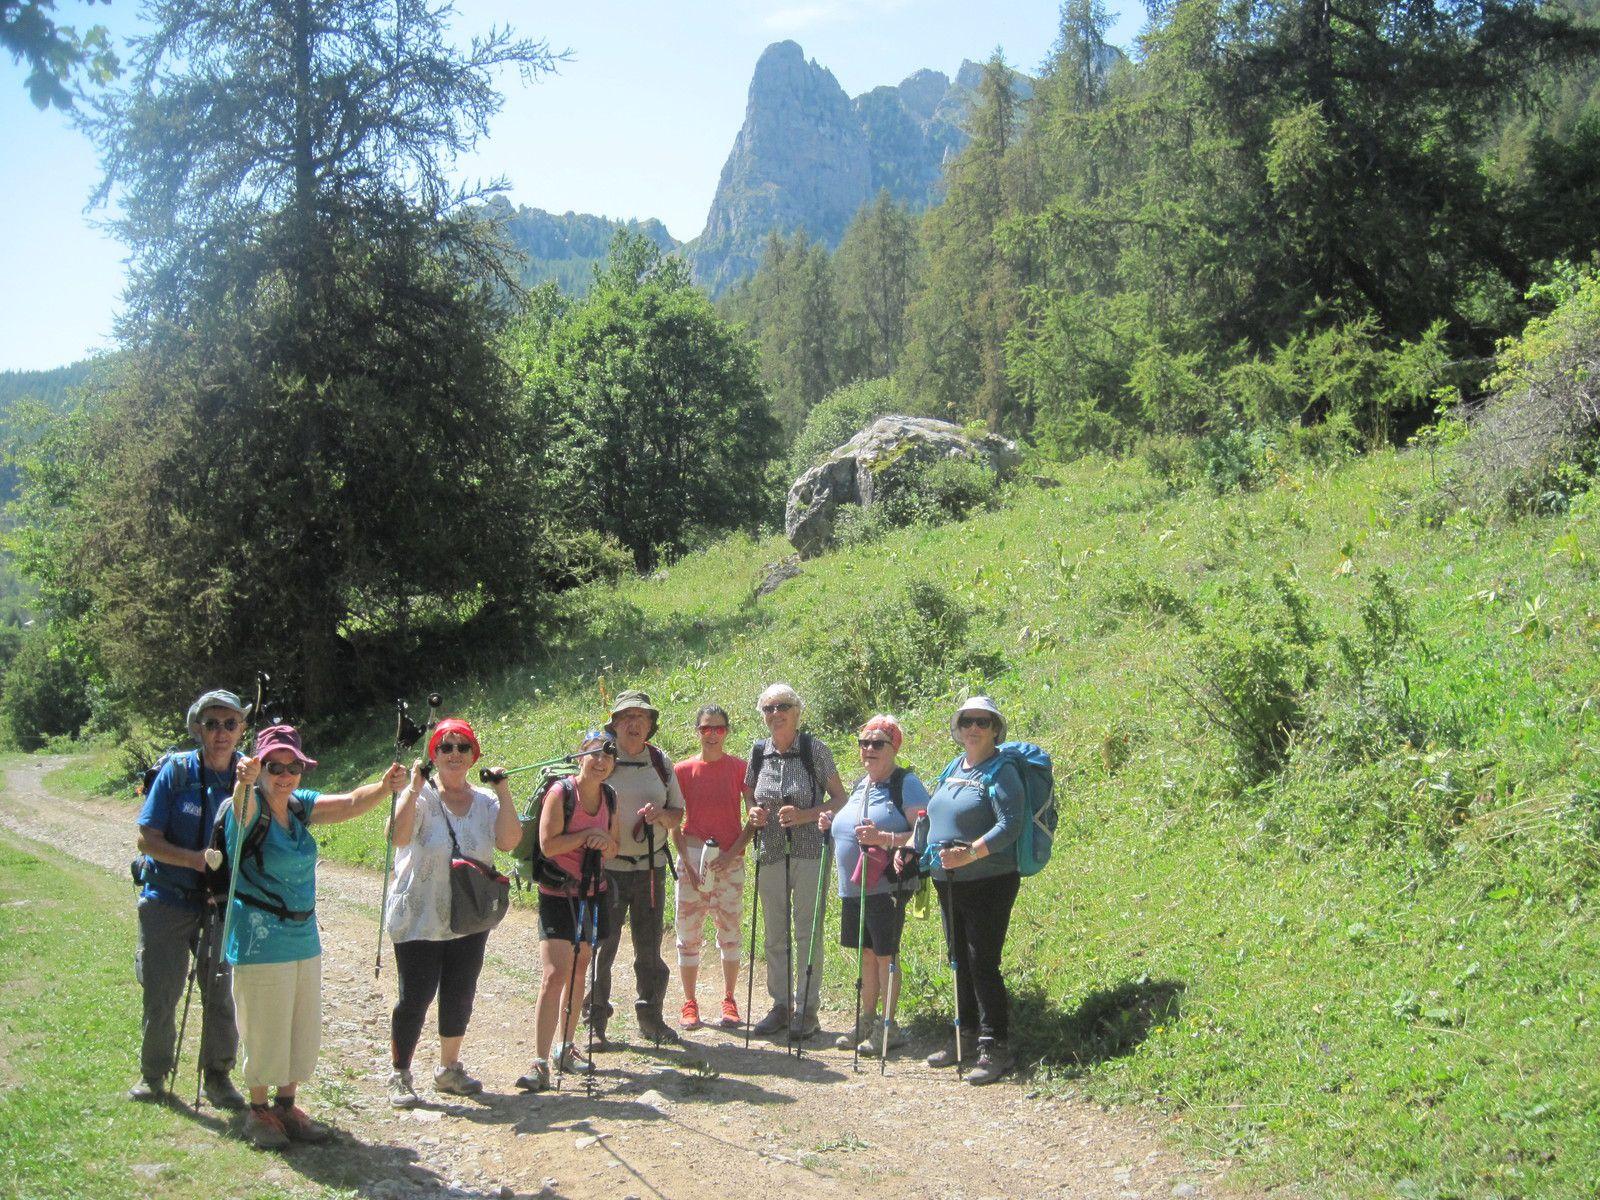 Sur le chemin non loin du gîte des 3 cols, sur fond des Aiguilles de Chabrière, vues de dos. (Photo MR)